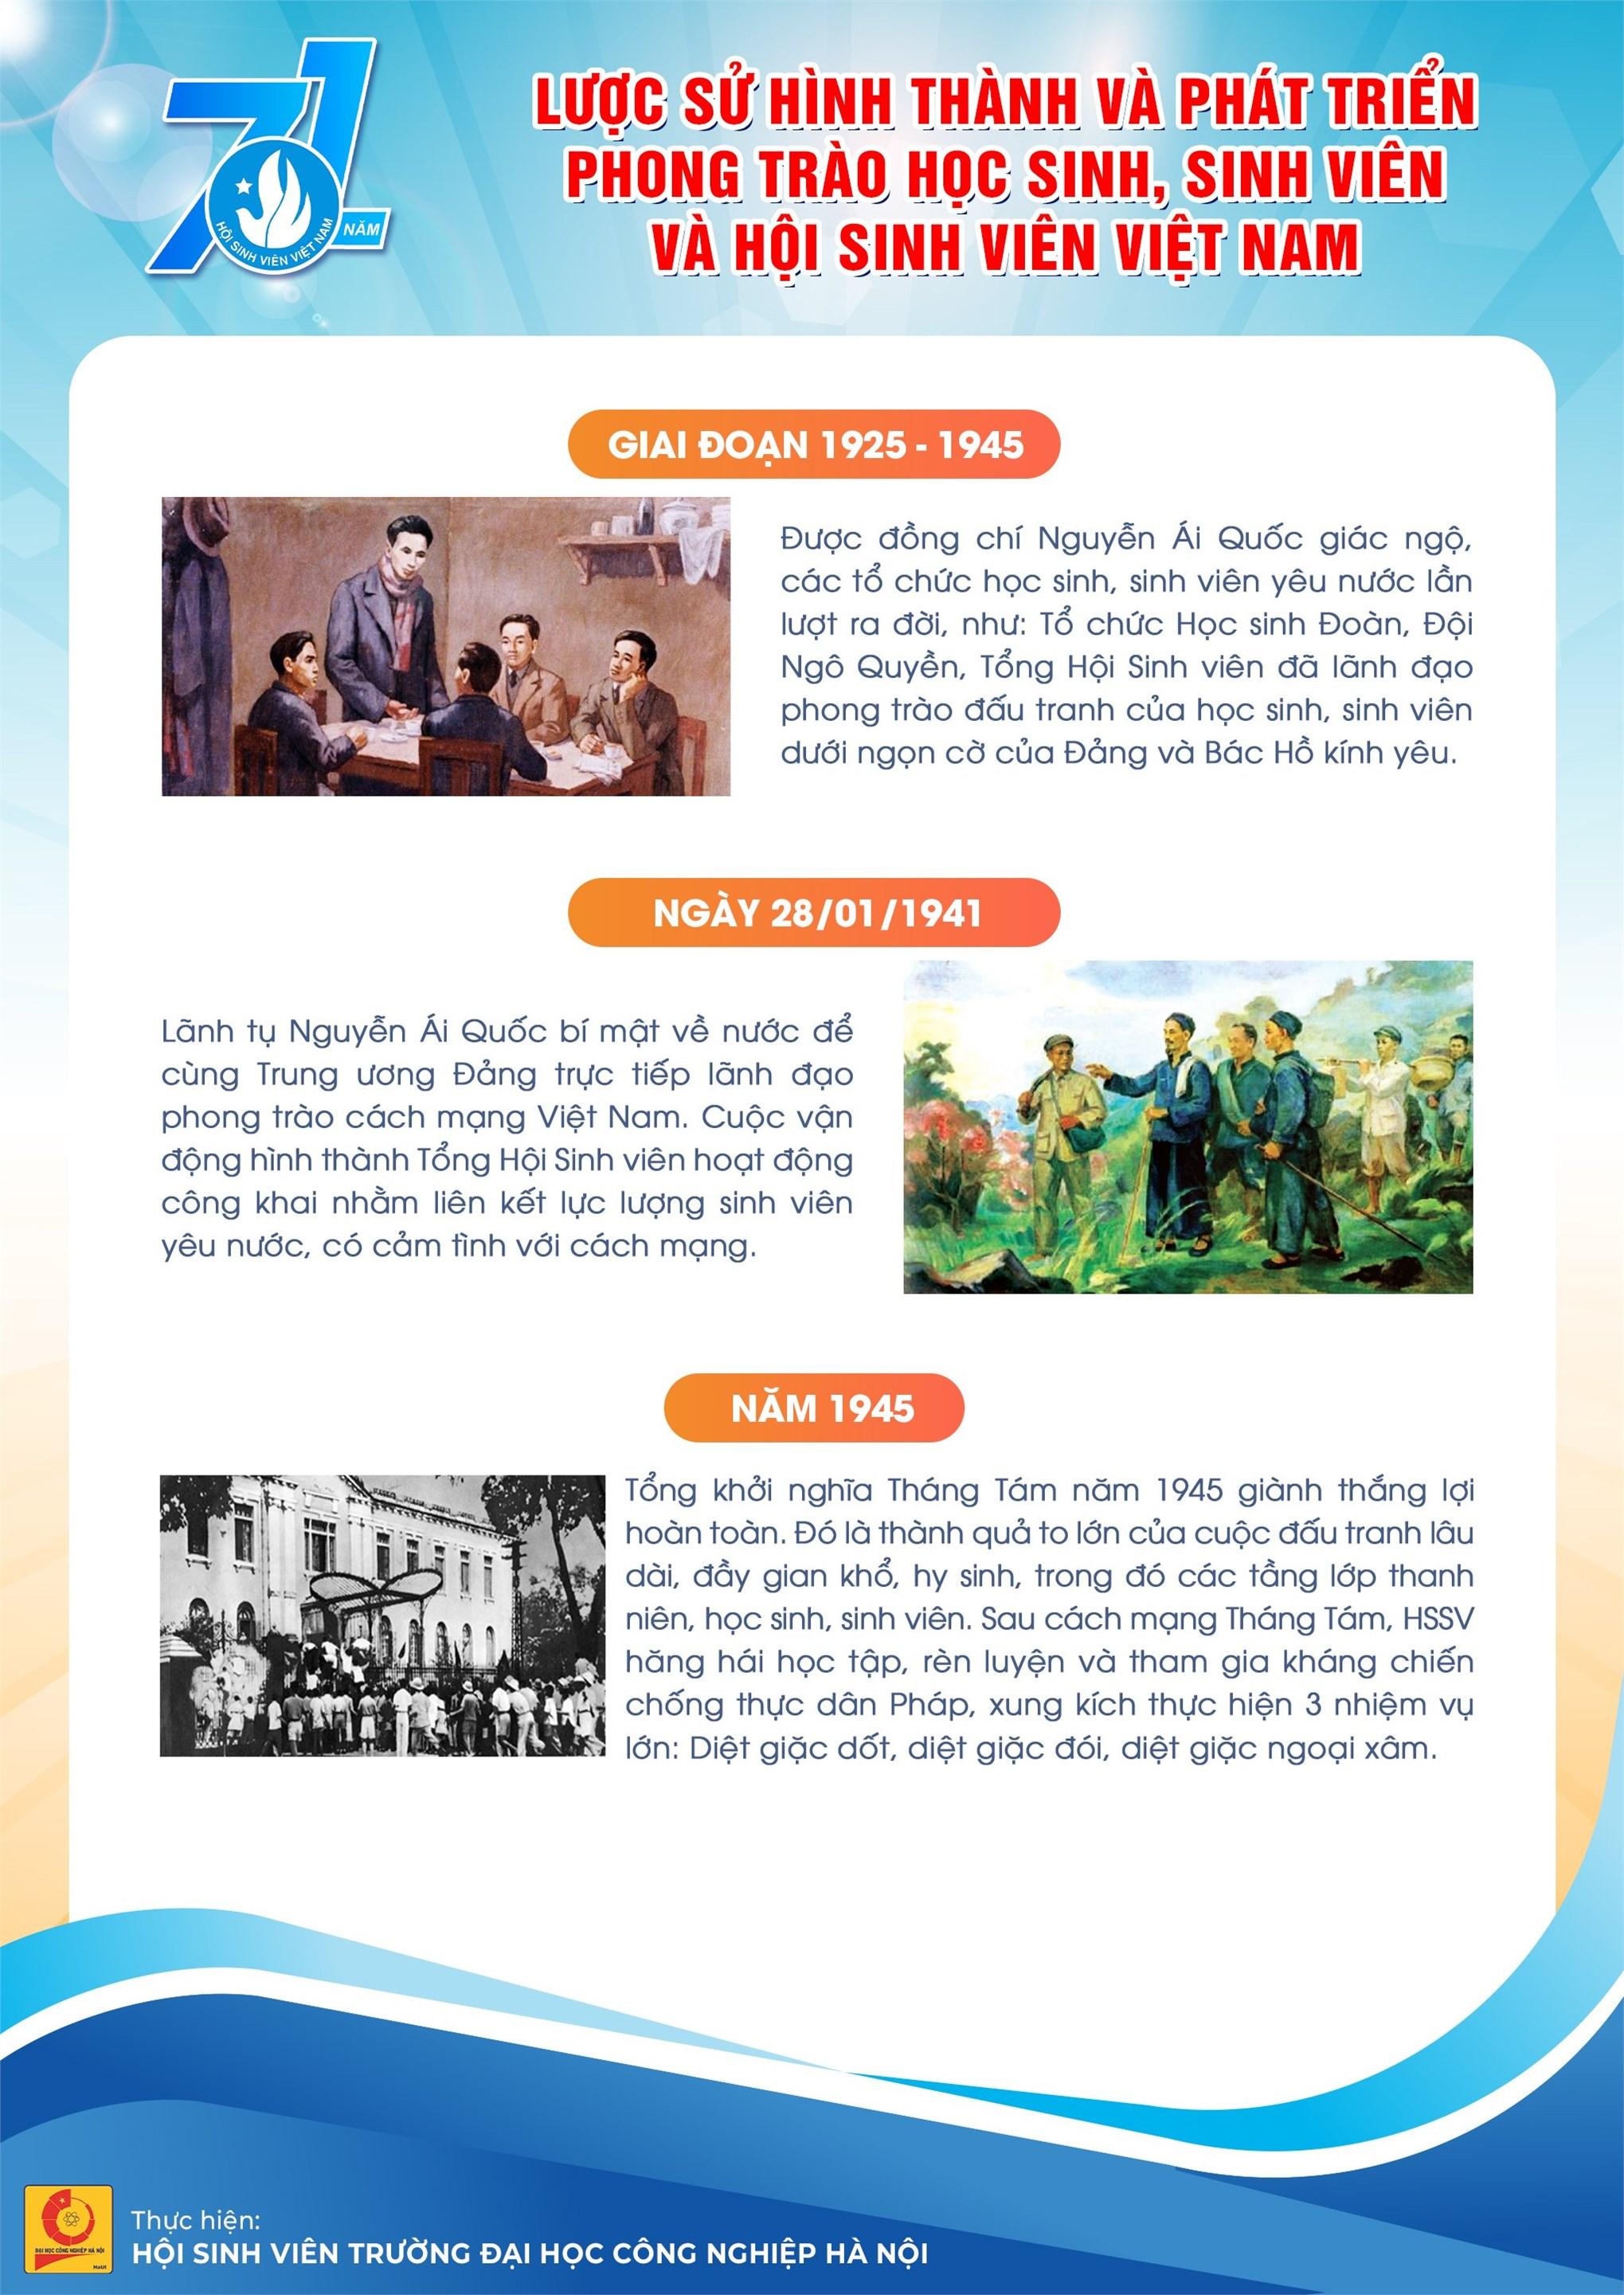 71 năm phát triển và trưởng thành của phong trào HSSV và Hội Sinh viên Việt Nam